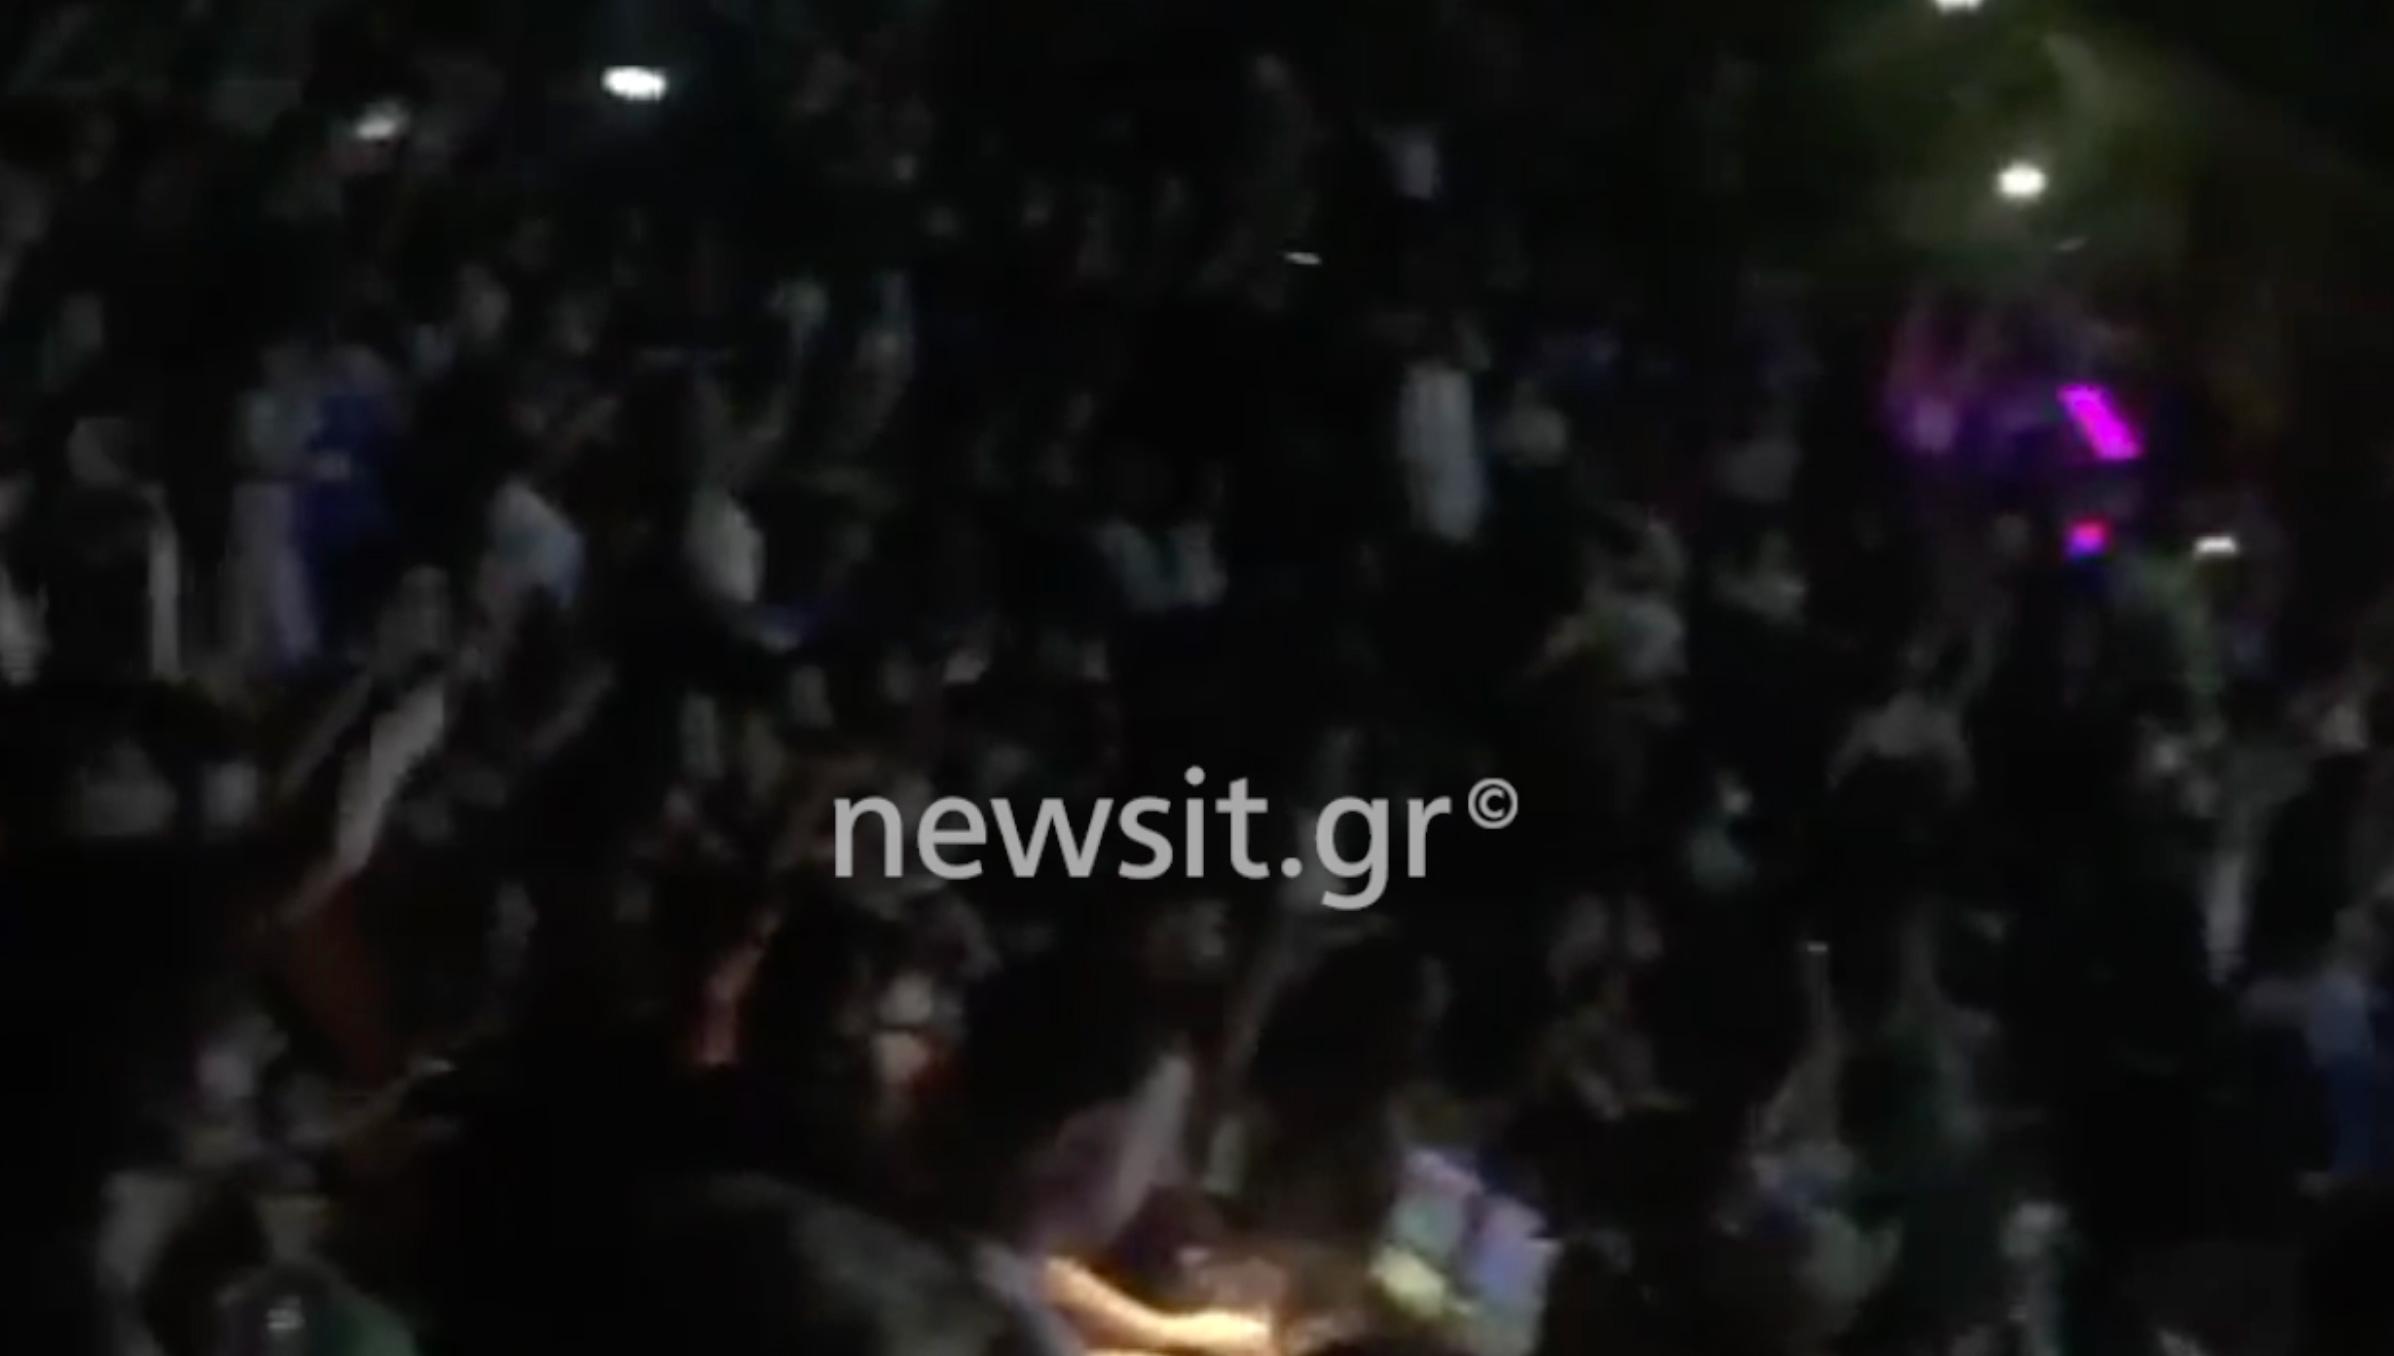 Χαμός για την Καίτη Γαρμπή στη Θεσσαλονίκη: Πως να σας πω να κάτσετε;